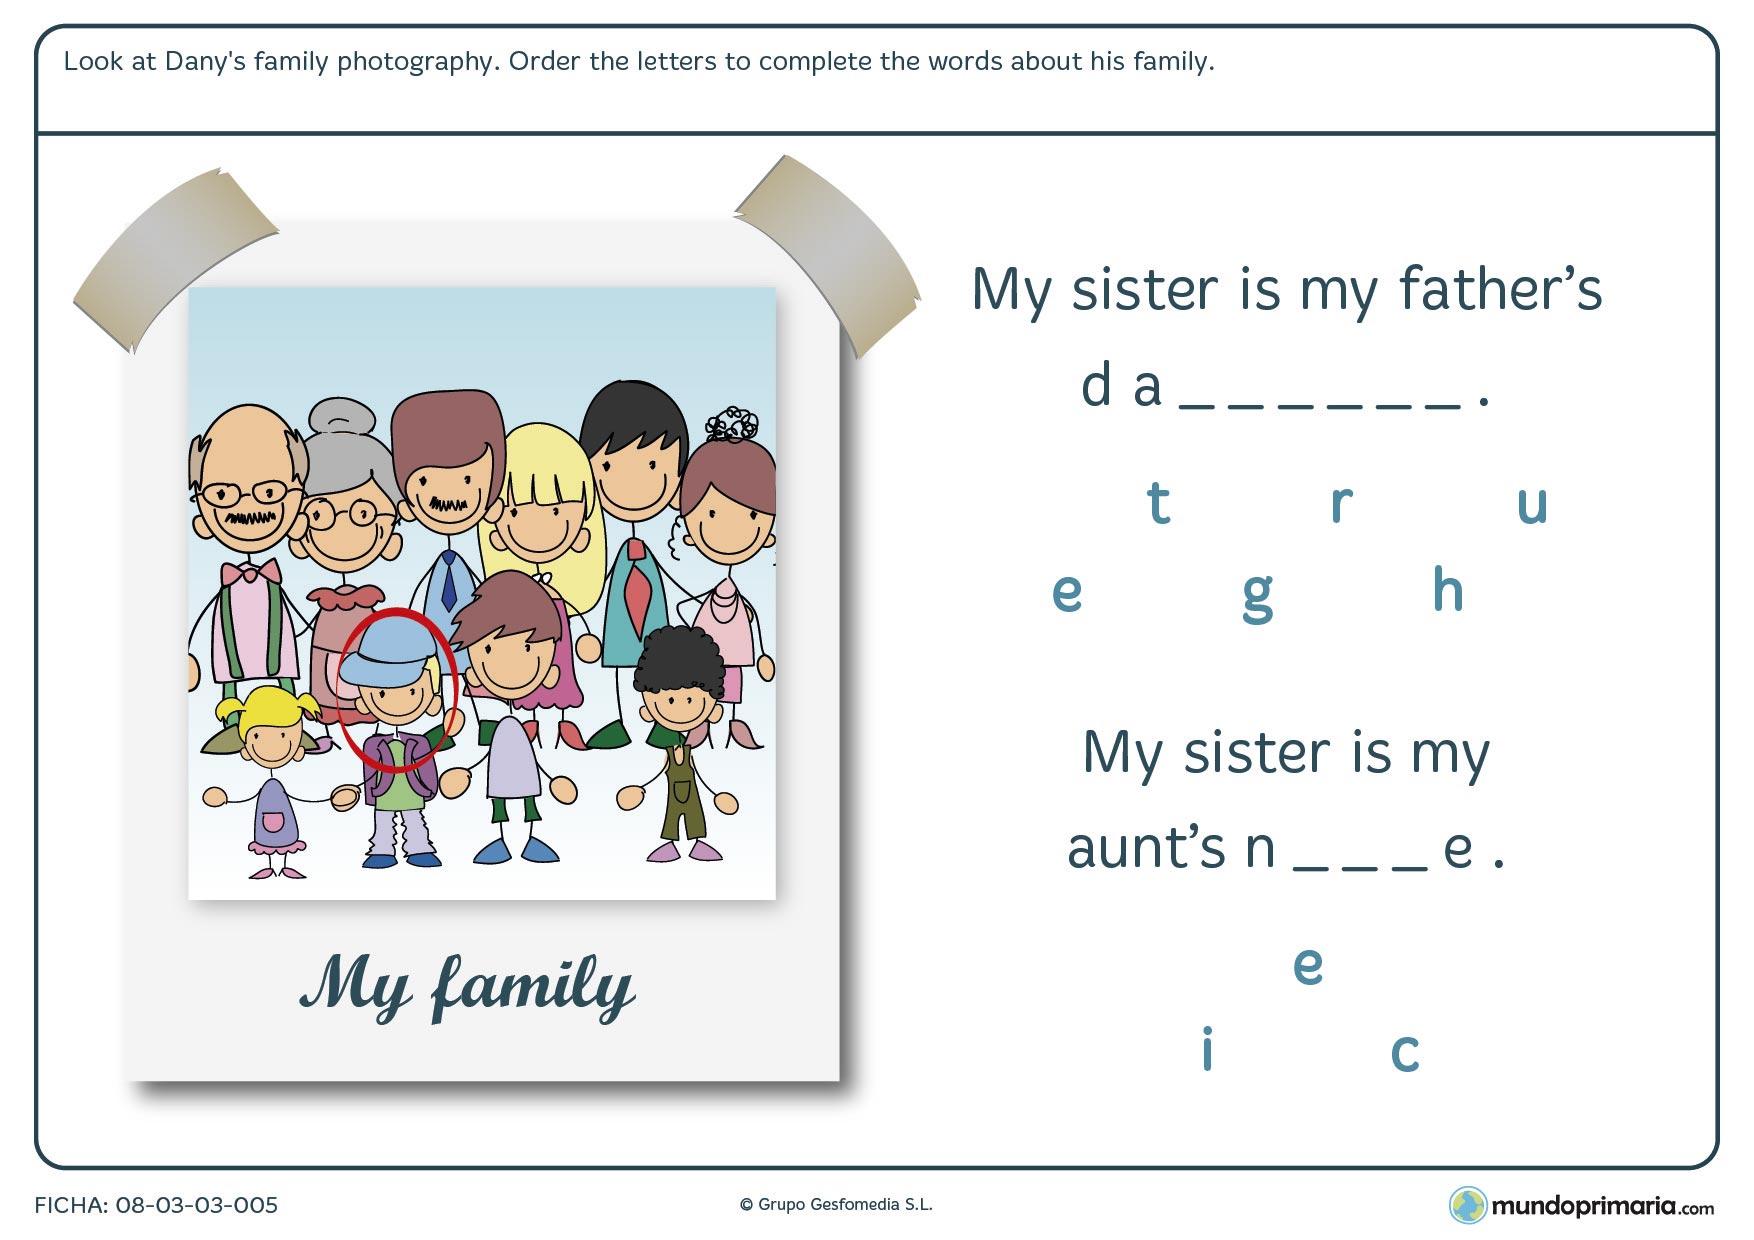 Ficha de organizar las letras para formar la palabra deseada en inglés